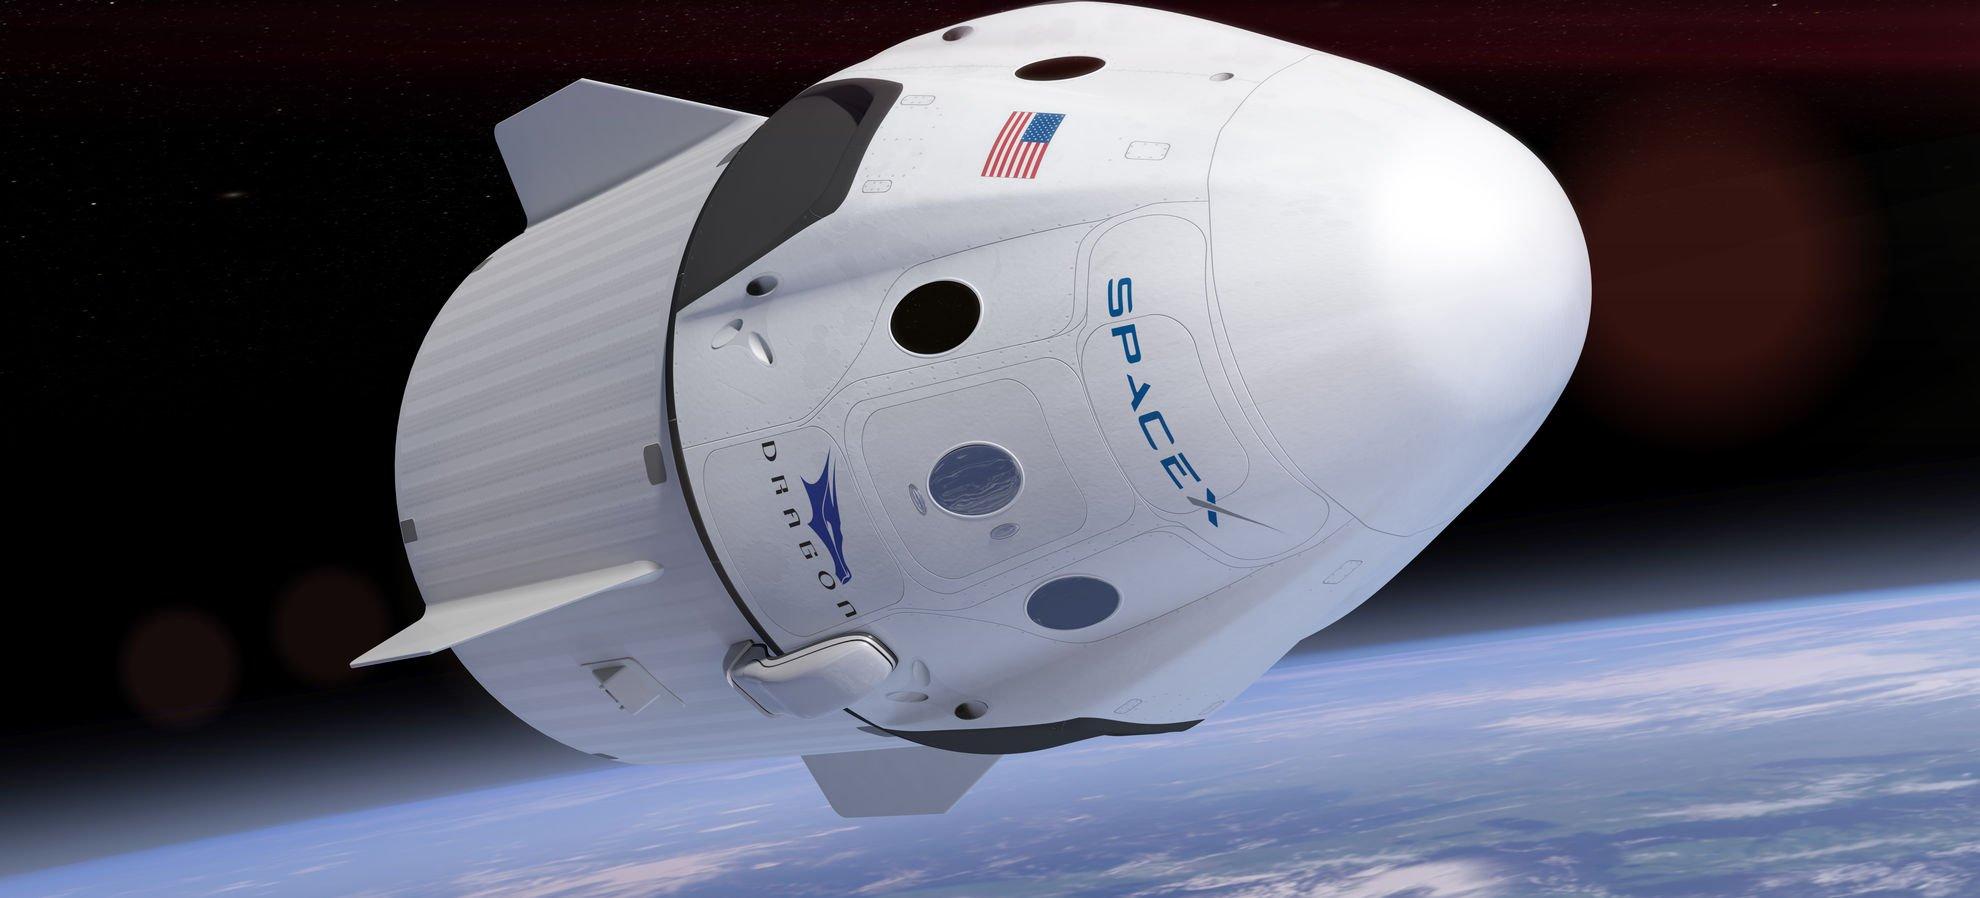 'SpaceX' şirkəti, 350 milyon dollar investisiya alaraq dünyanın ən böyük MMC şirkətlərindən biri oldu